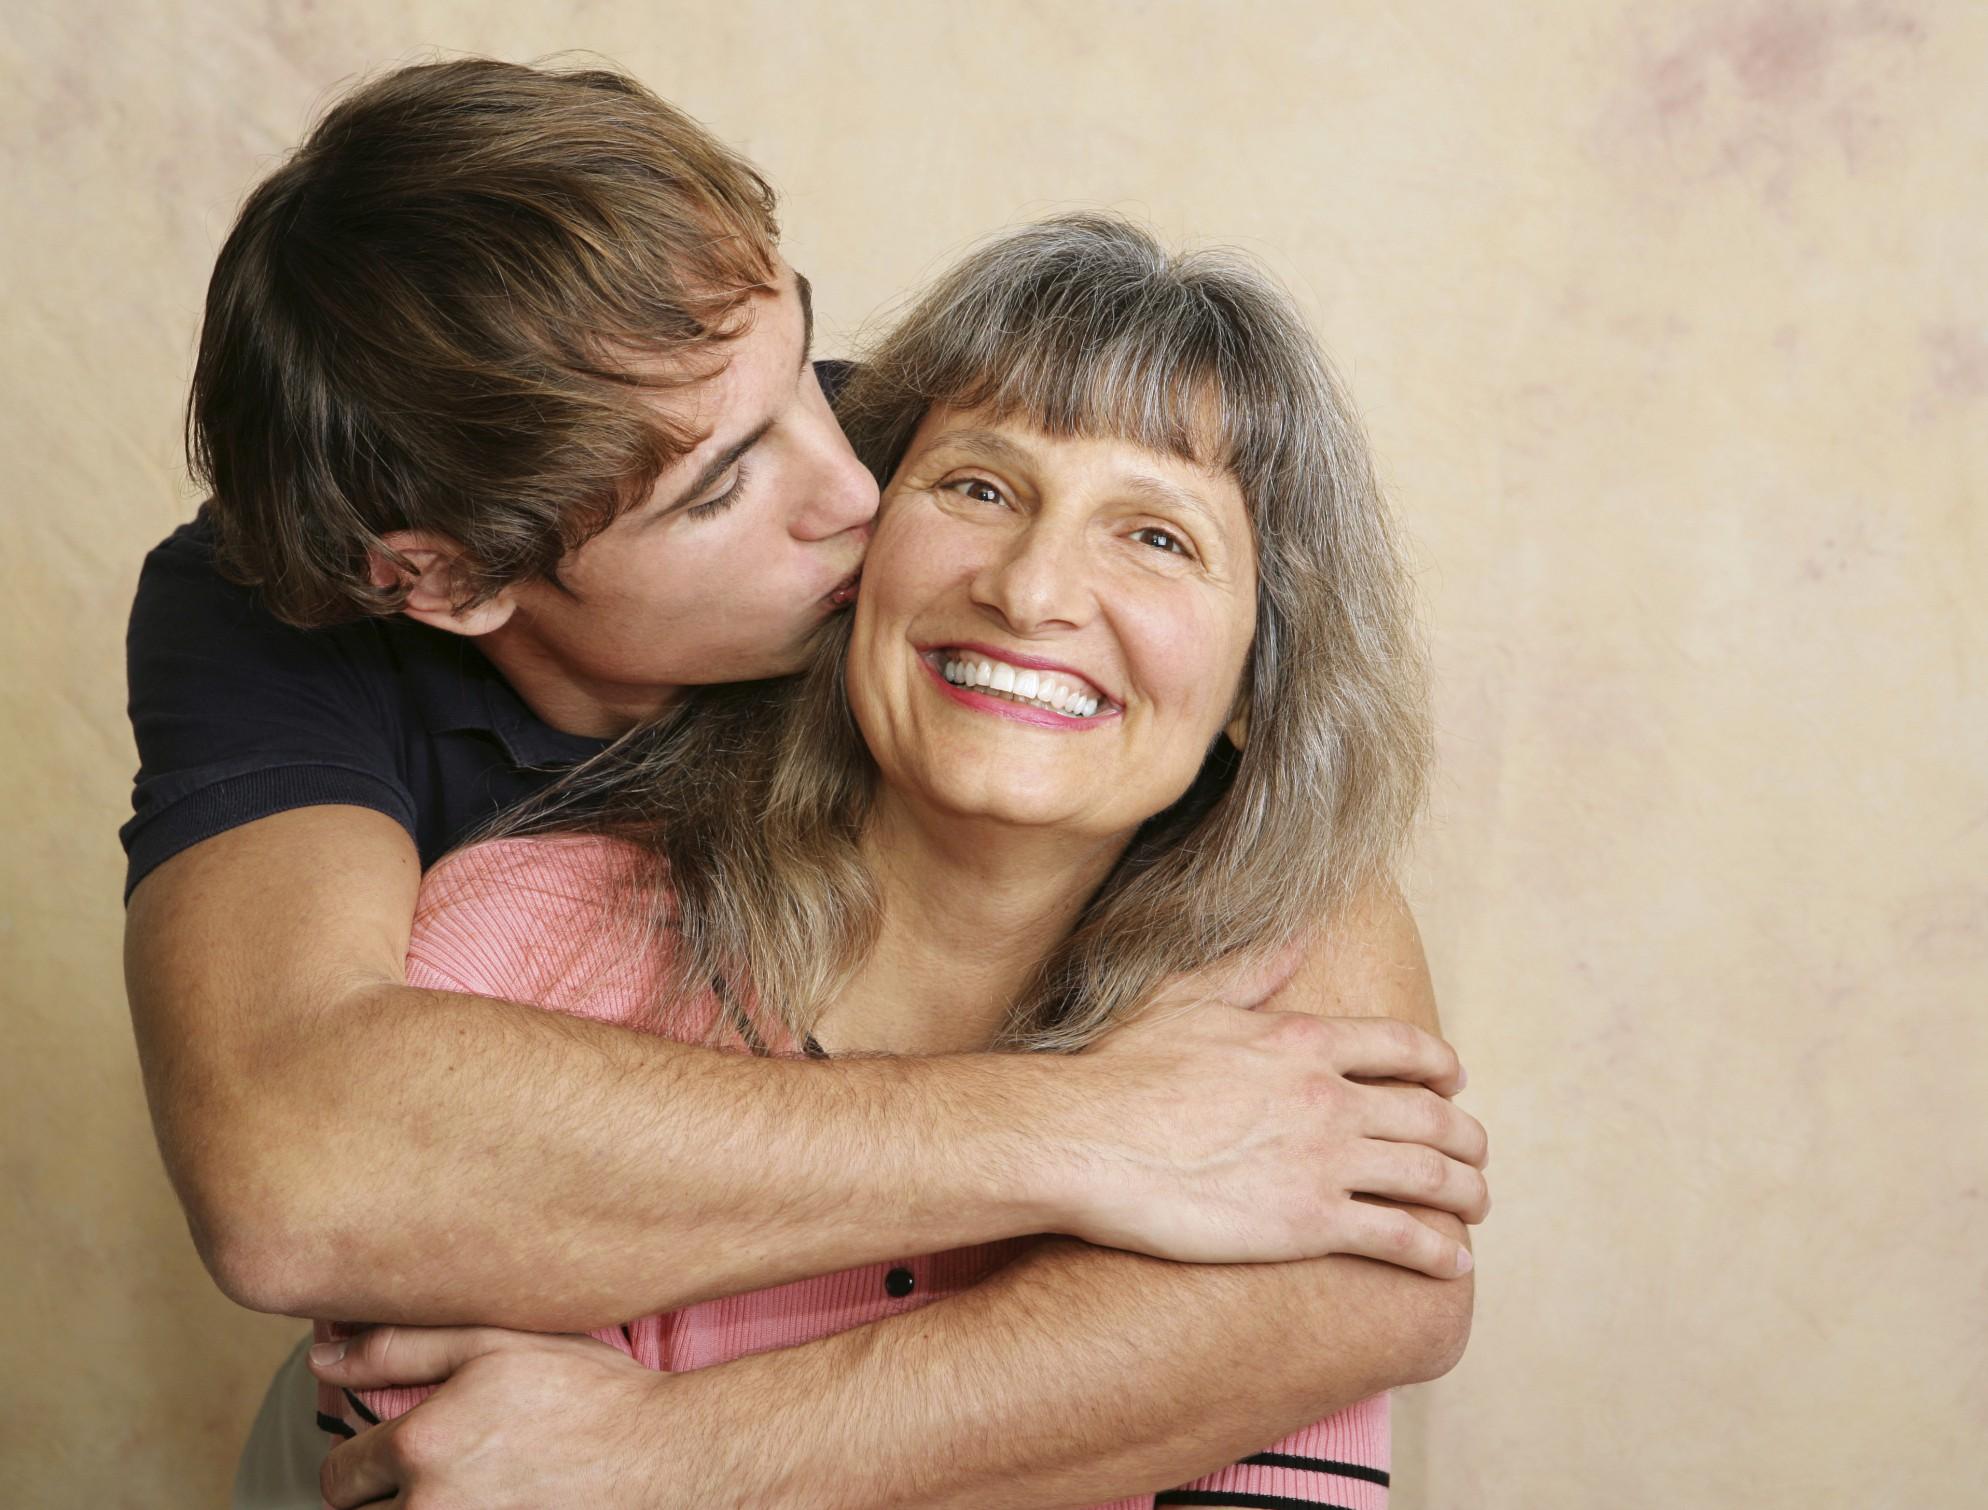 Смотреть эротику как сын трахнул молоденькую мамашу 13 фотография